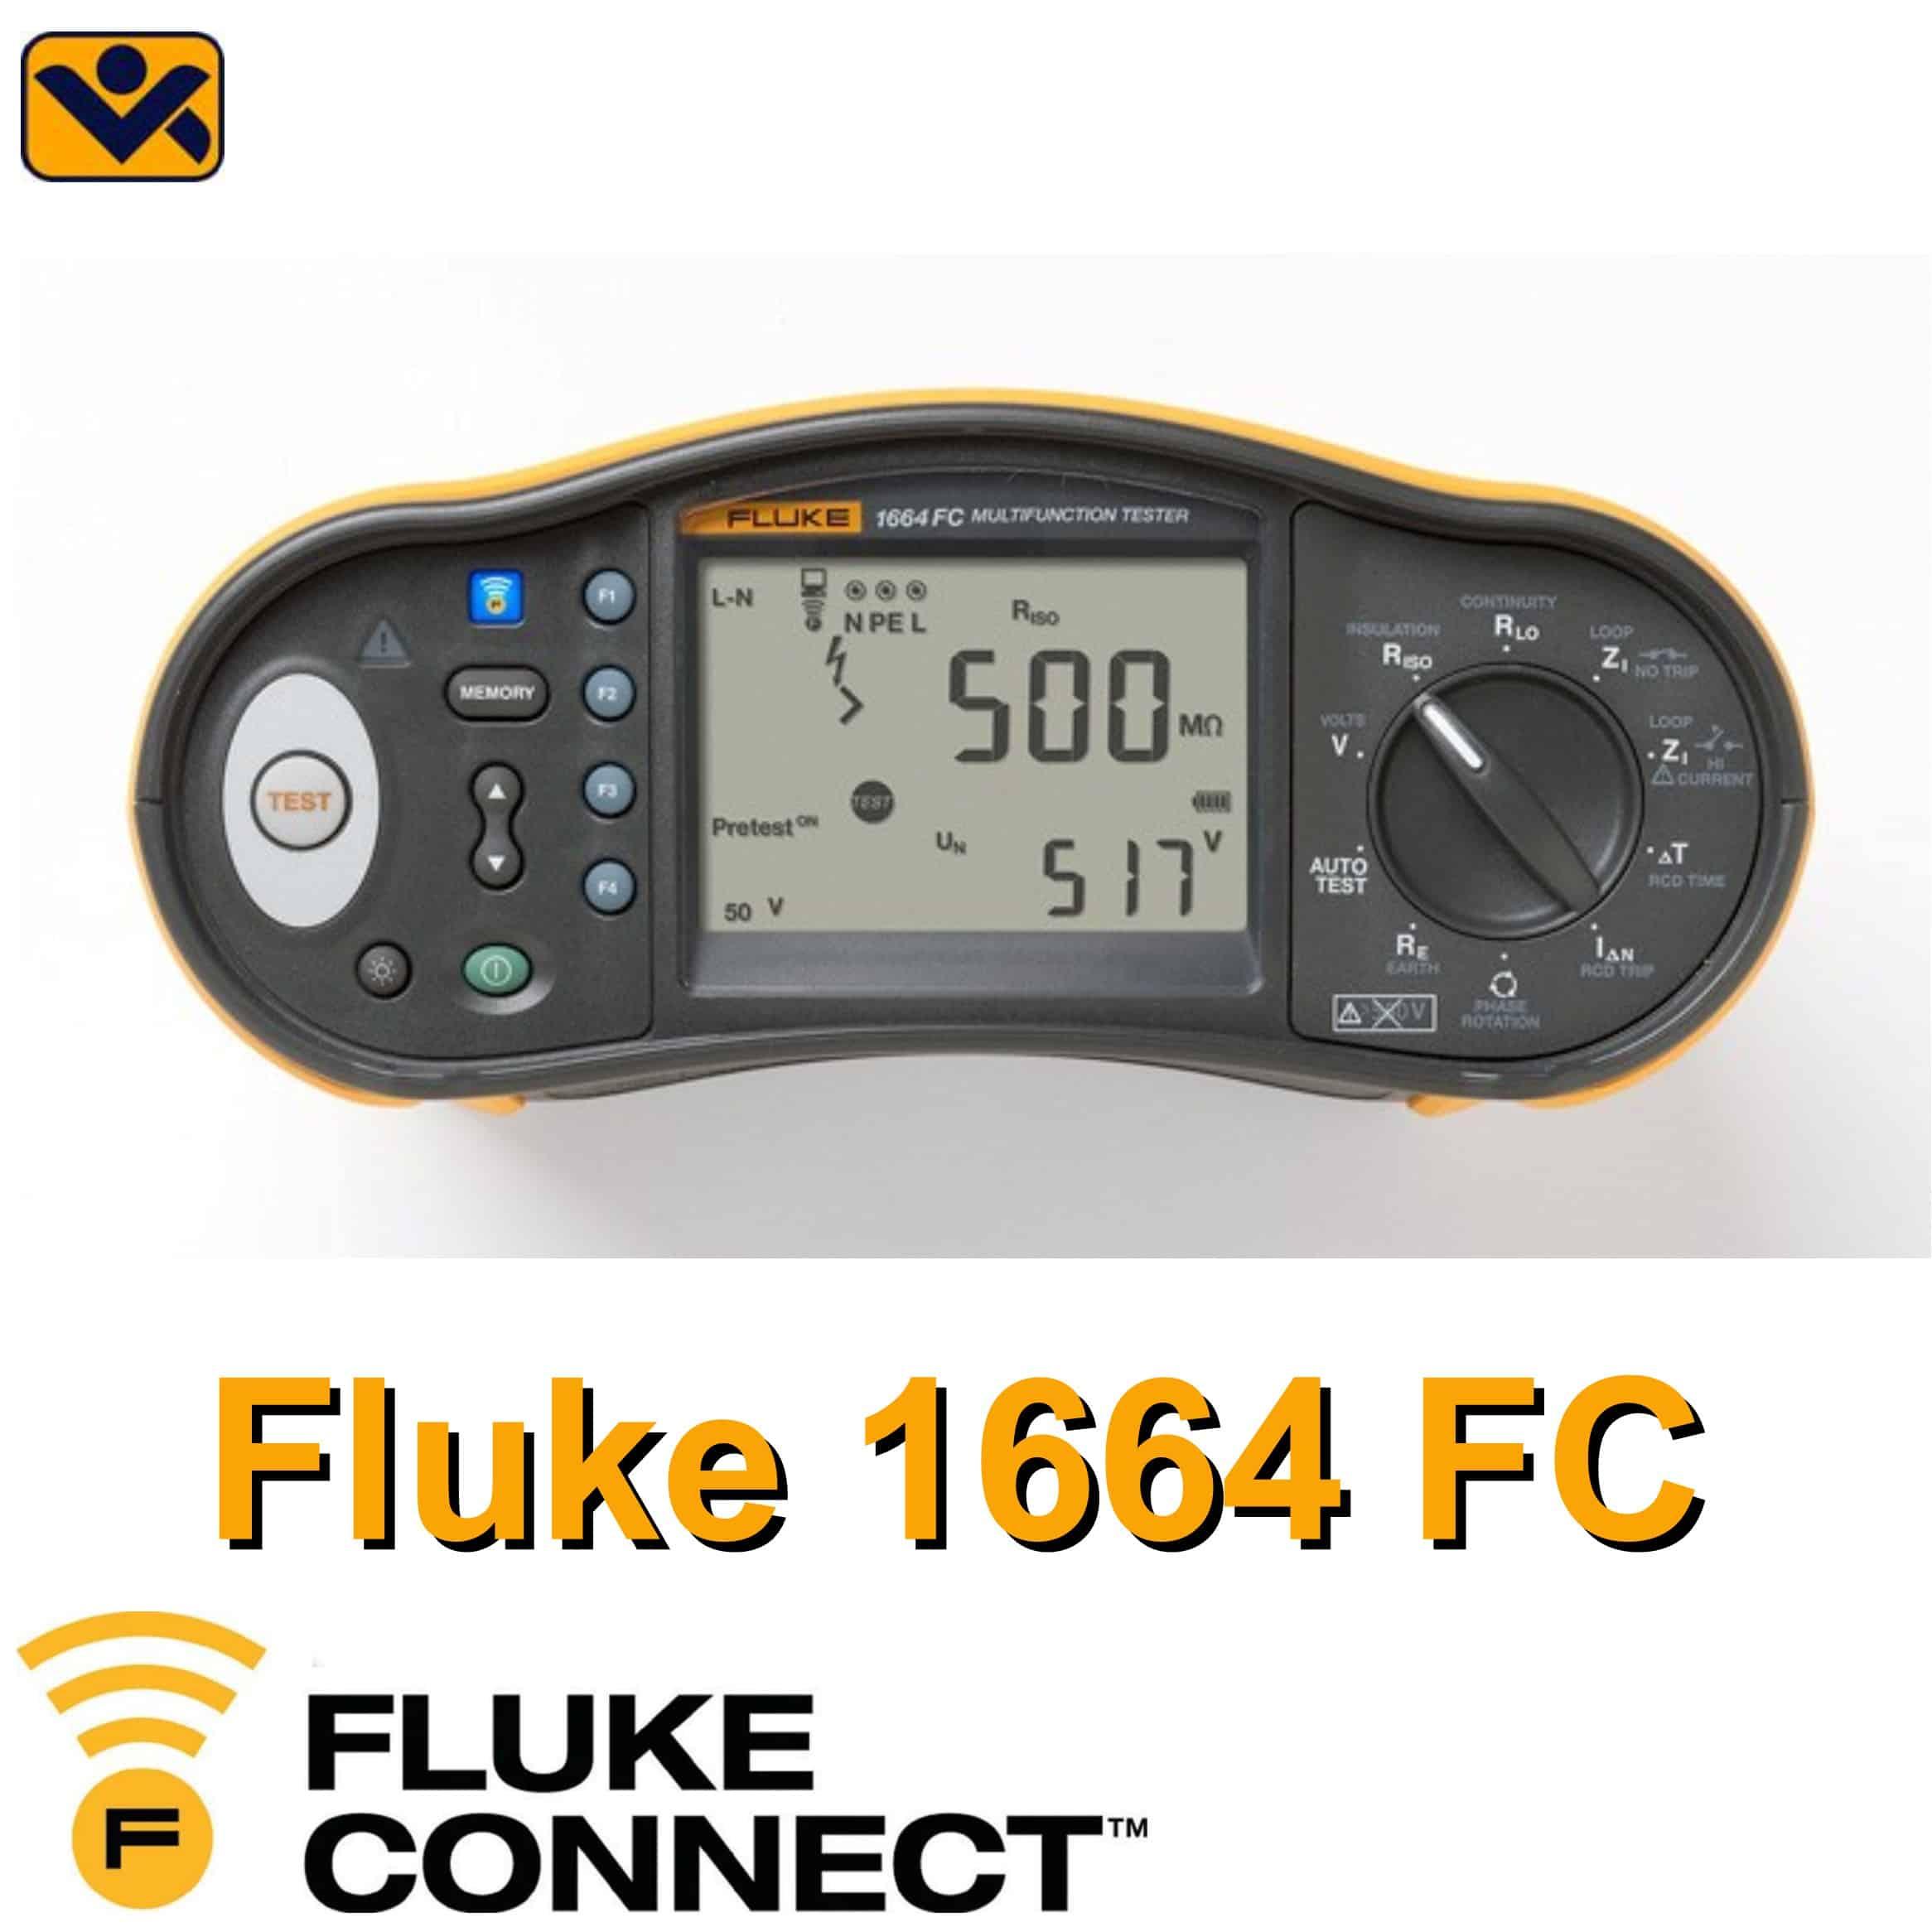 Fluke_Serie_1664_ FC_Fluke_ 1664_FC_VDE_0100_ 0105_Anlagentester_ Installationstester